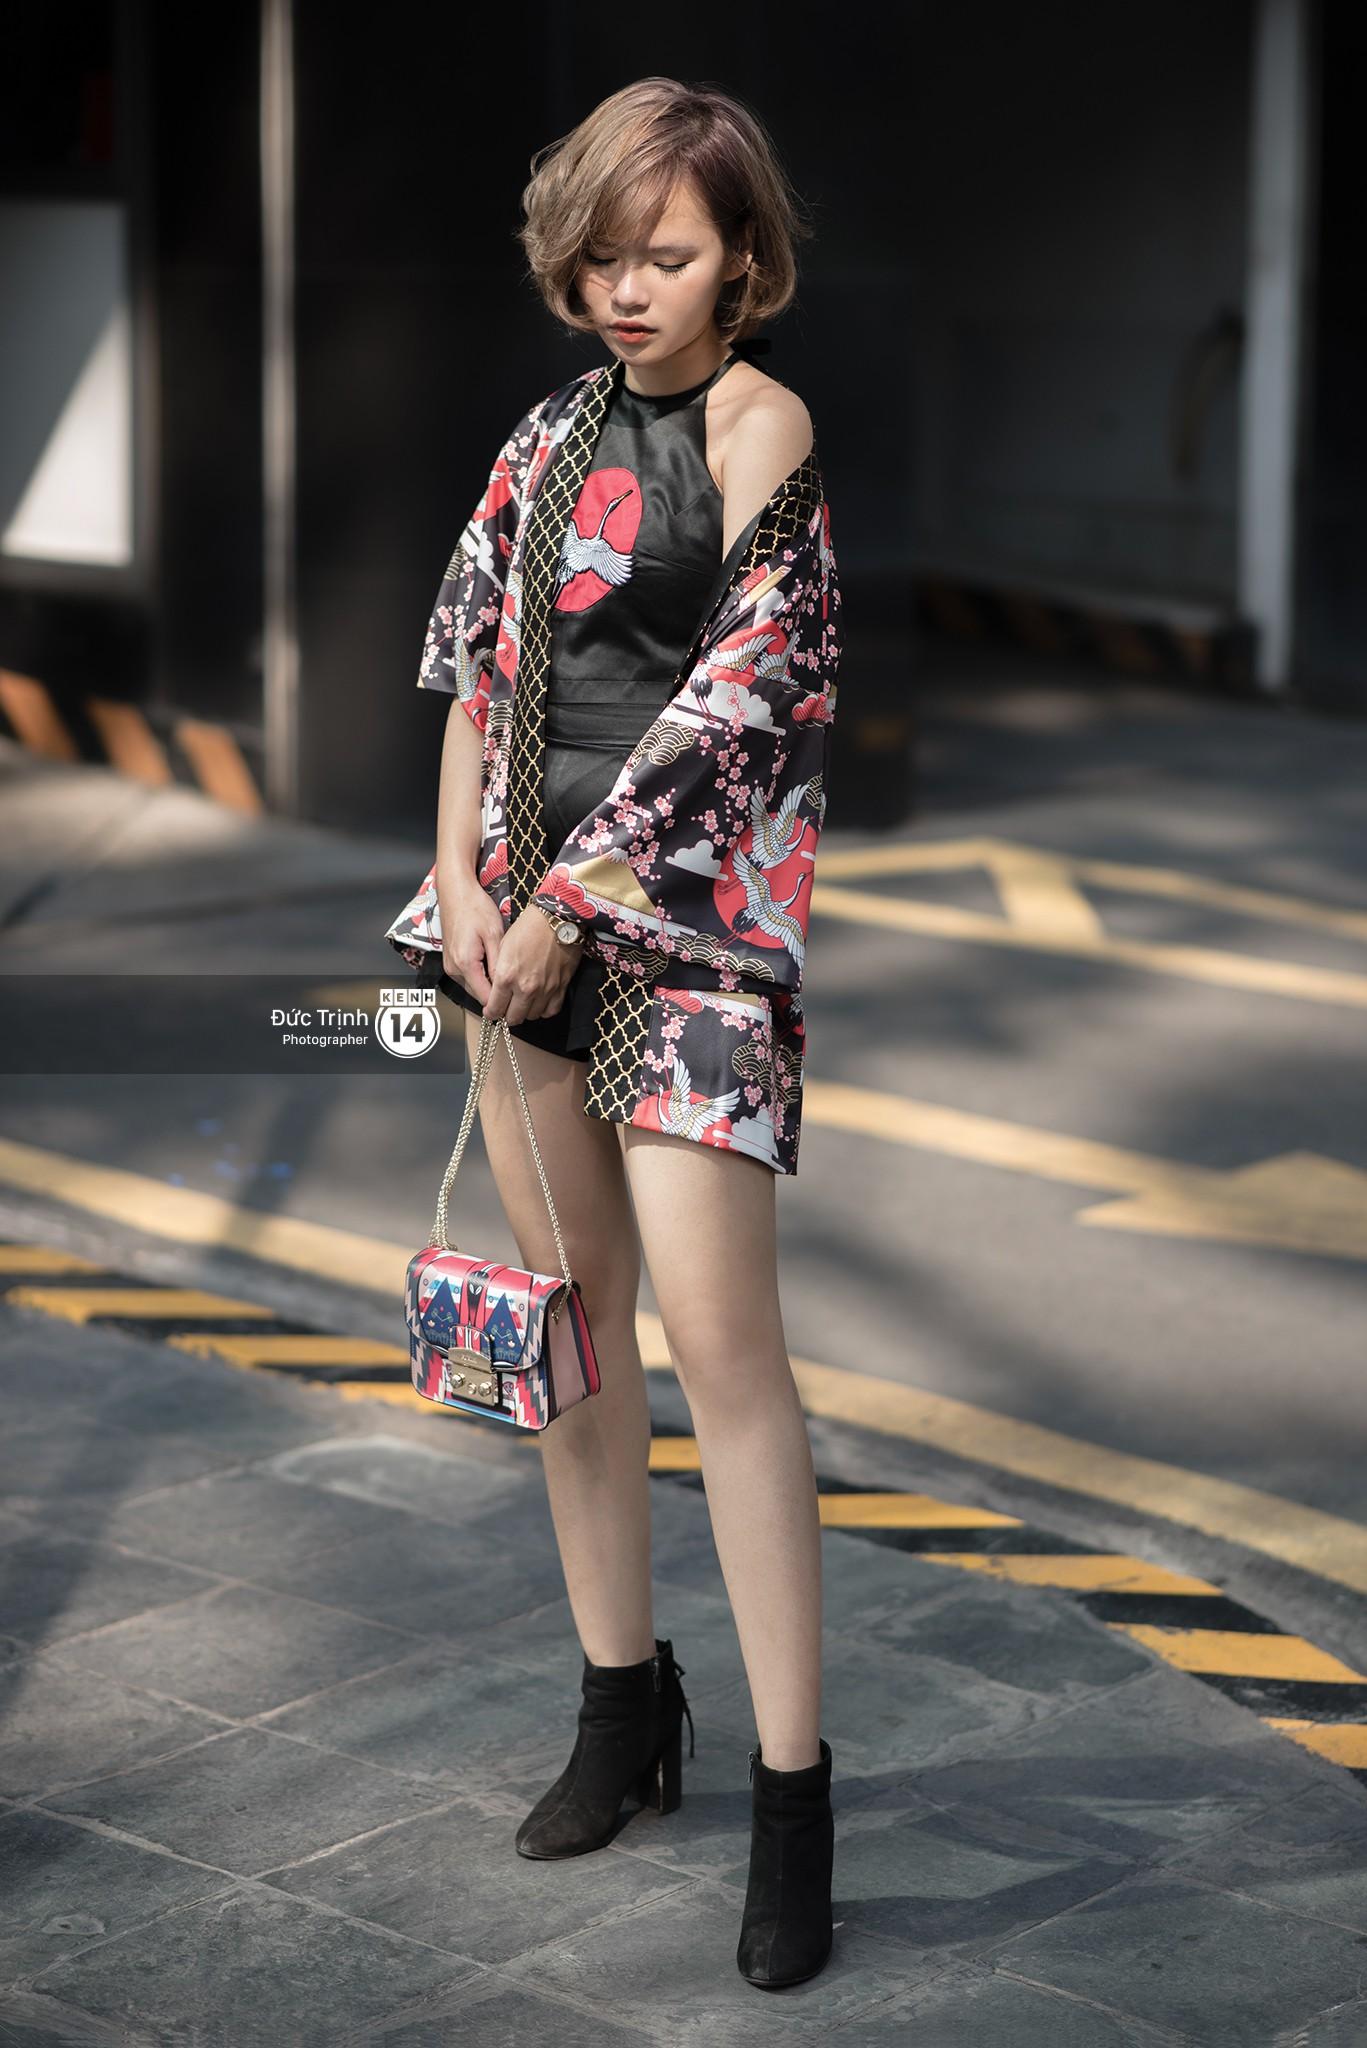 Street style 2 miền: Lên đồ đơn sắc hay sặc sỡ thì các bạn trẻ Việt vẫn cứ trung thành với style cool ngầu bụi bặm - Ảnh 17.